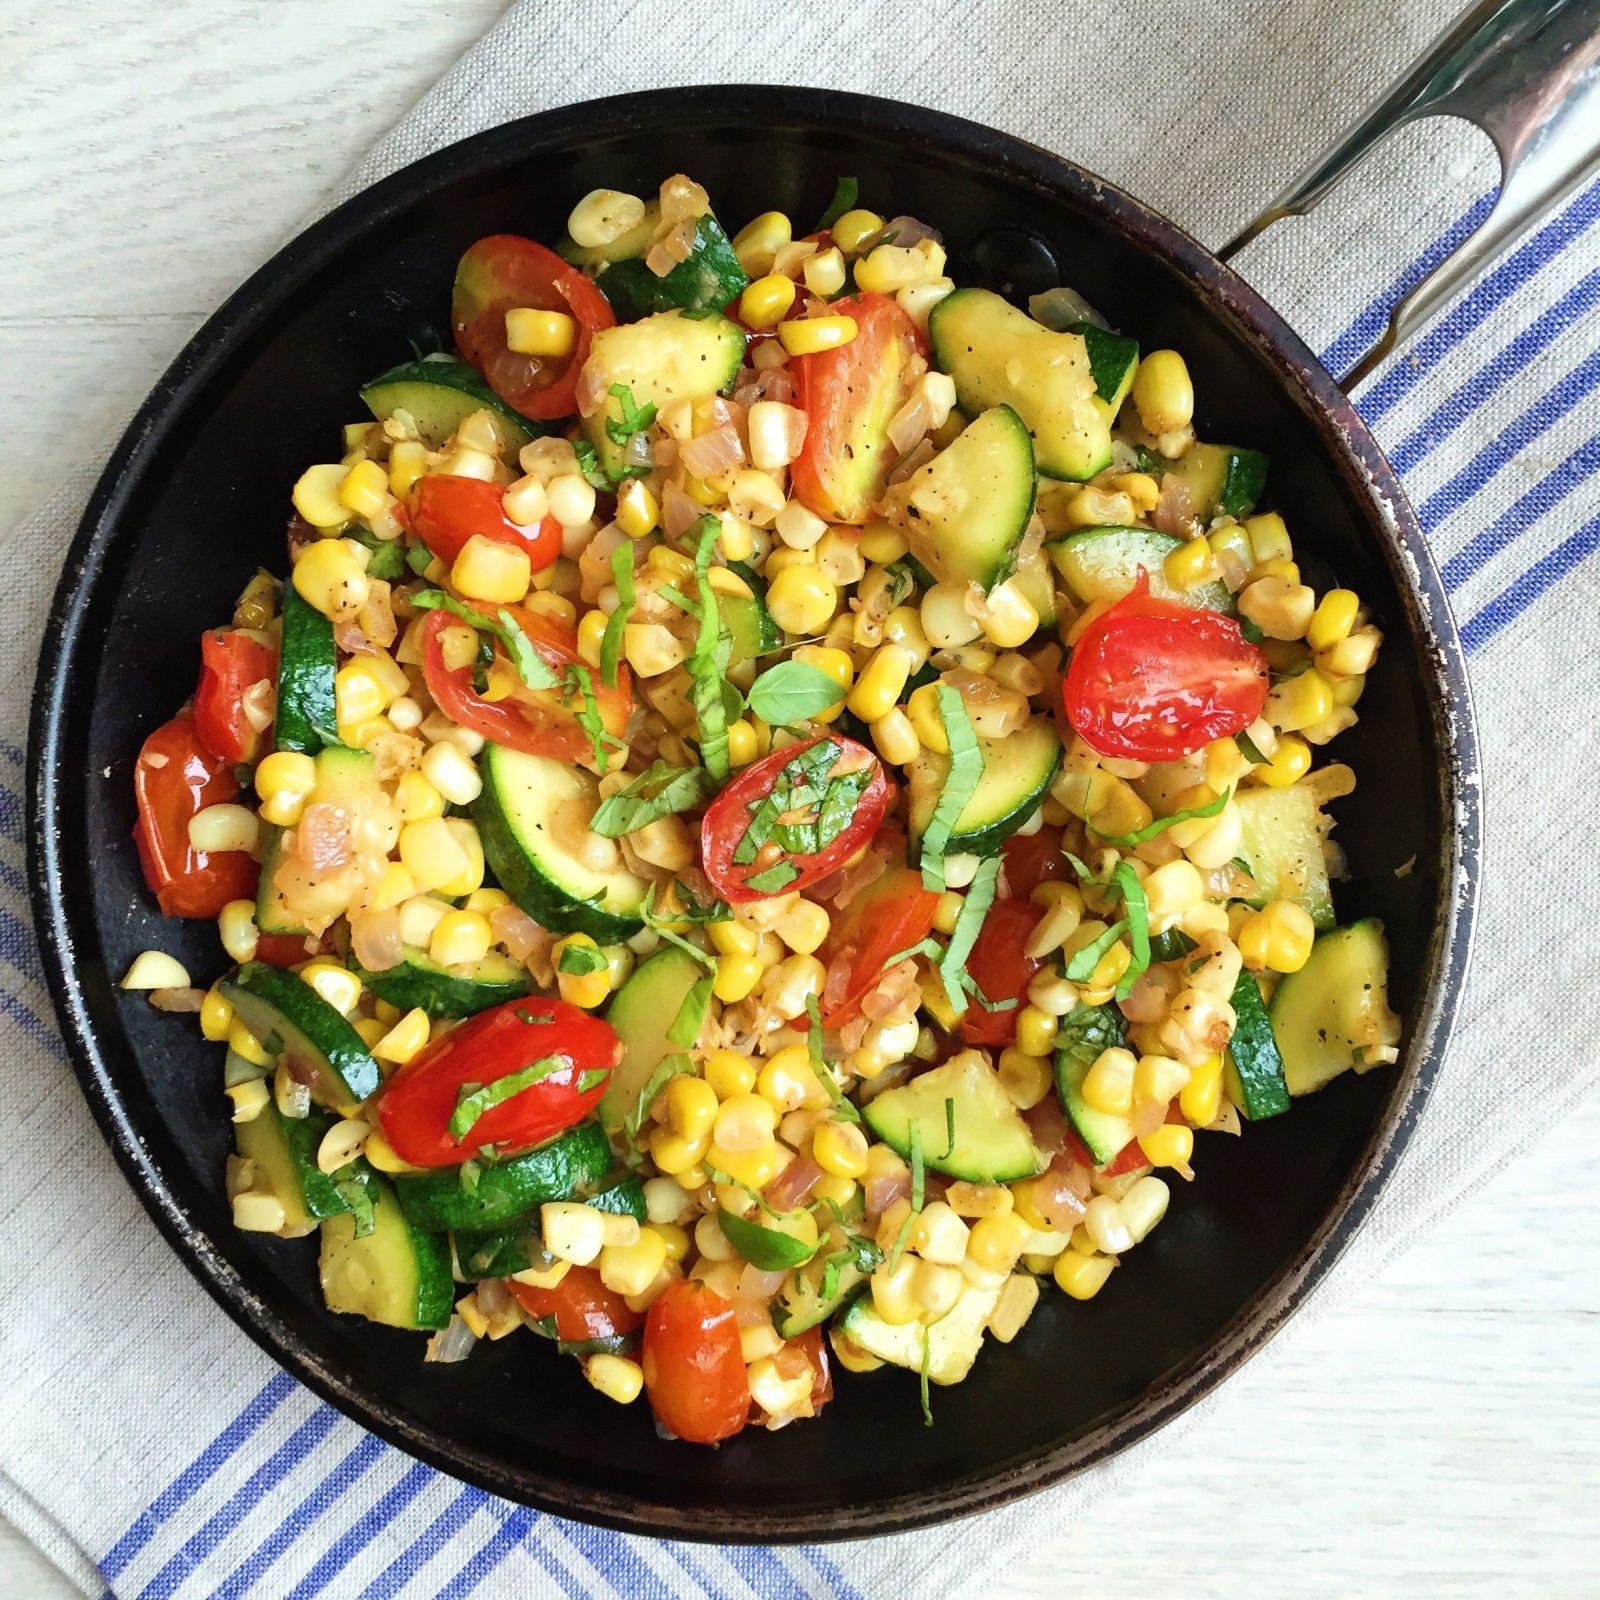 Corn, Zucchini, and Tomato Skillet Sauté